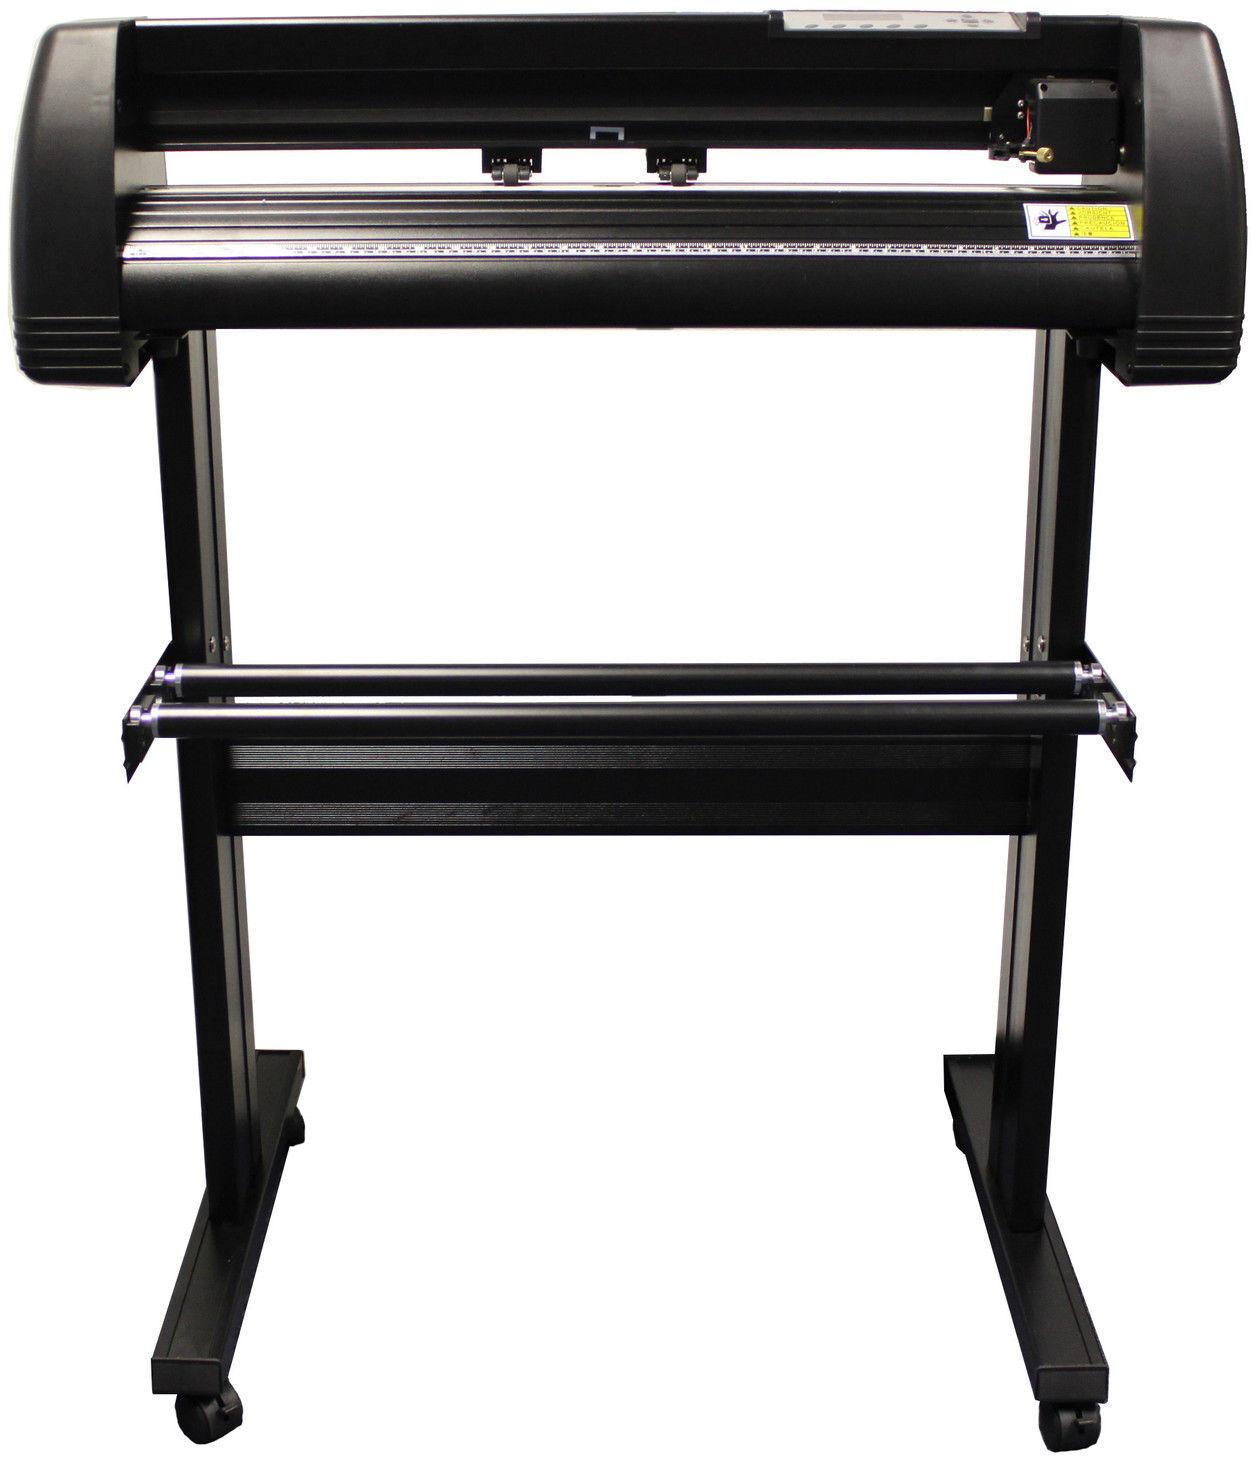 uscutter mh series vinyl cutter - Best Vinyl Cutter